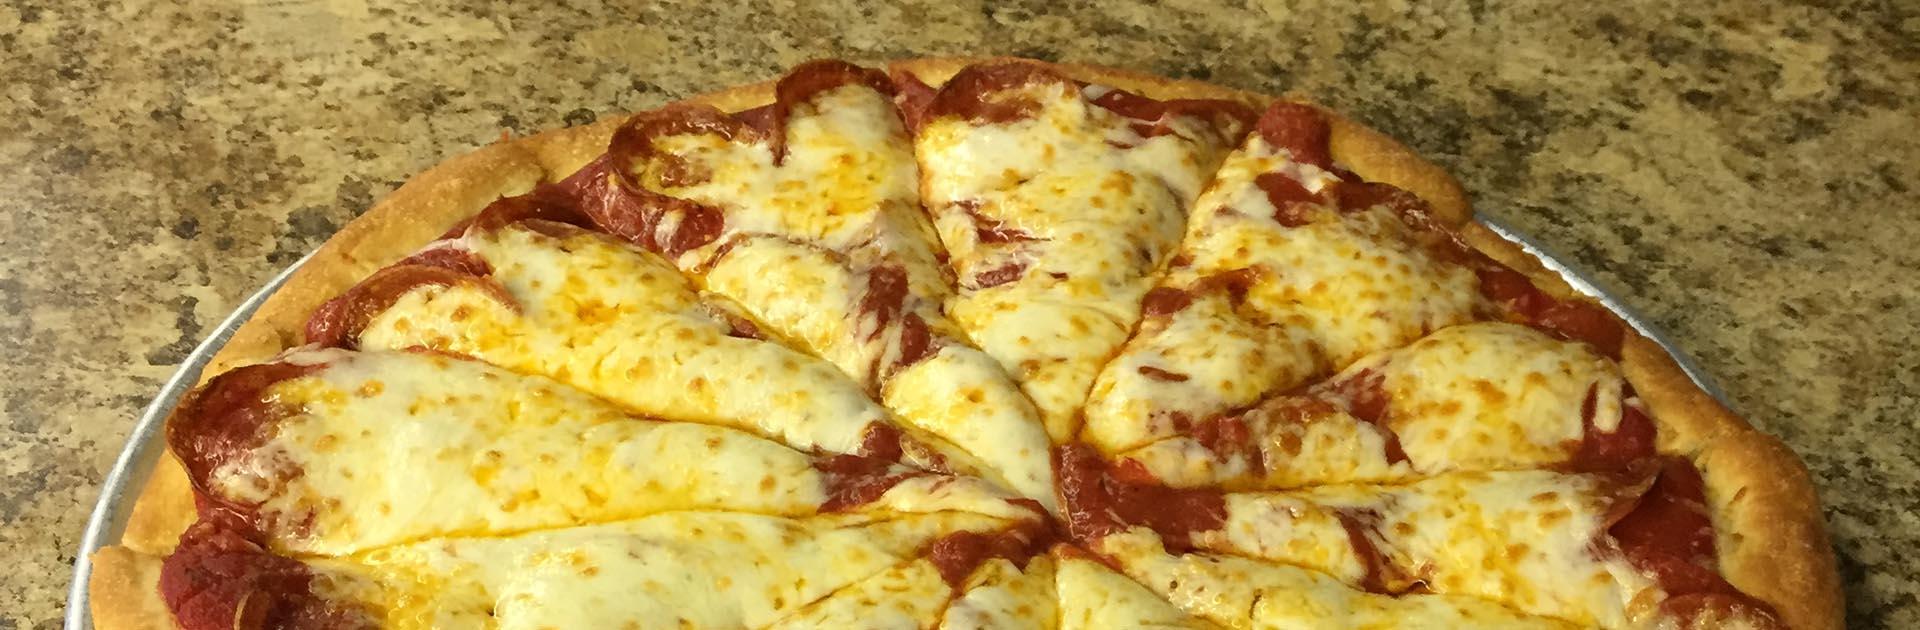 la casa pizza in north east pa 16428